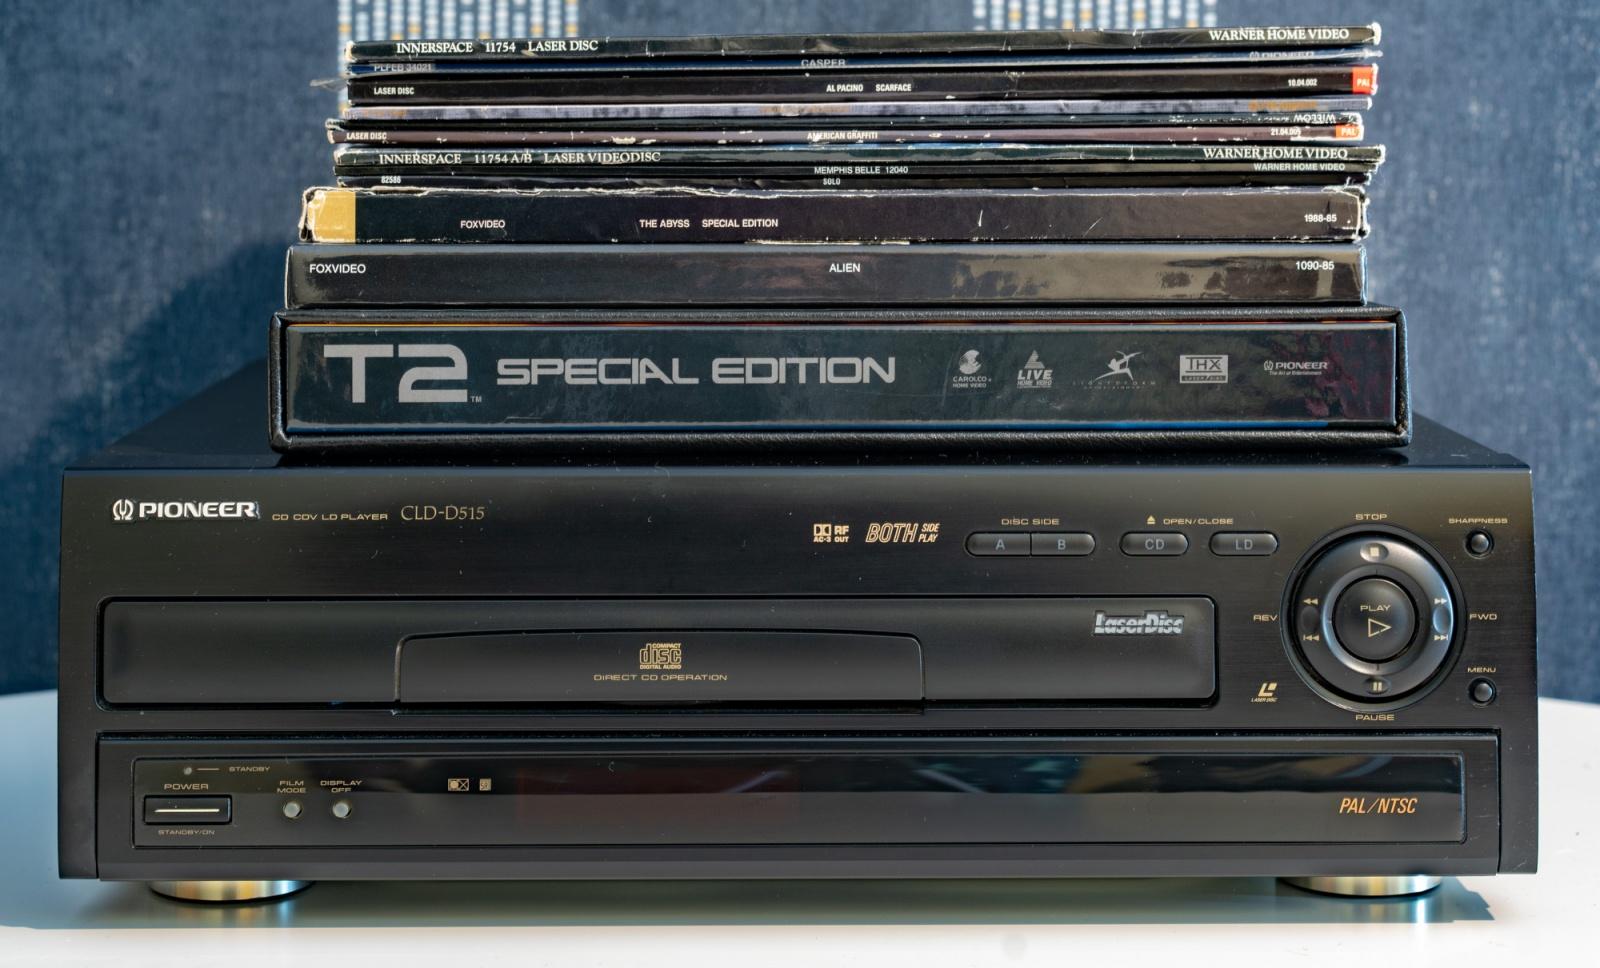 Лазерные видеодиски, ретрокино и автореверс - 34